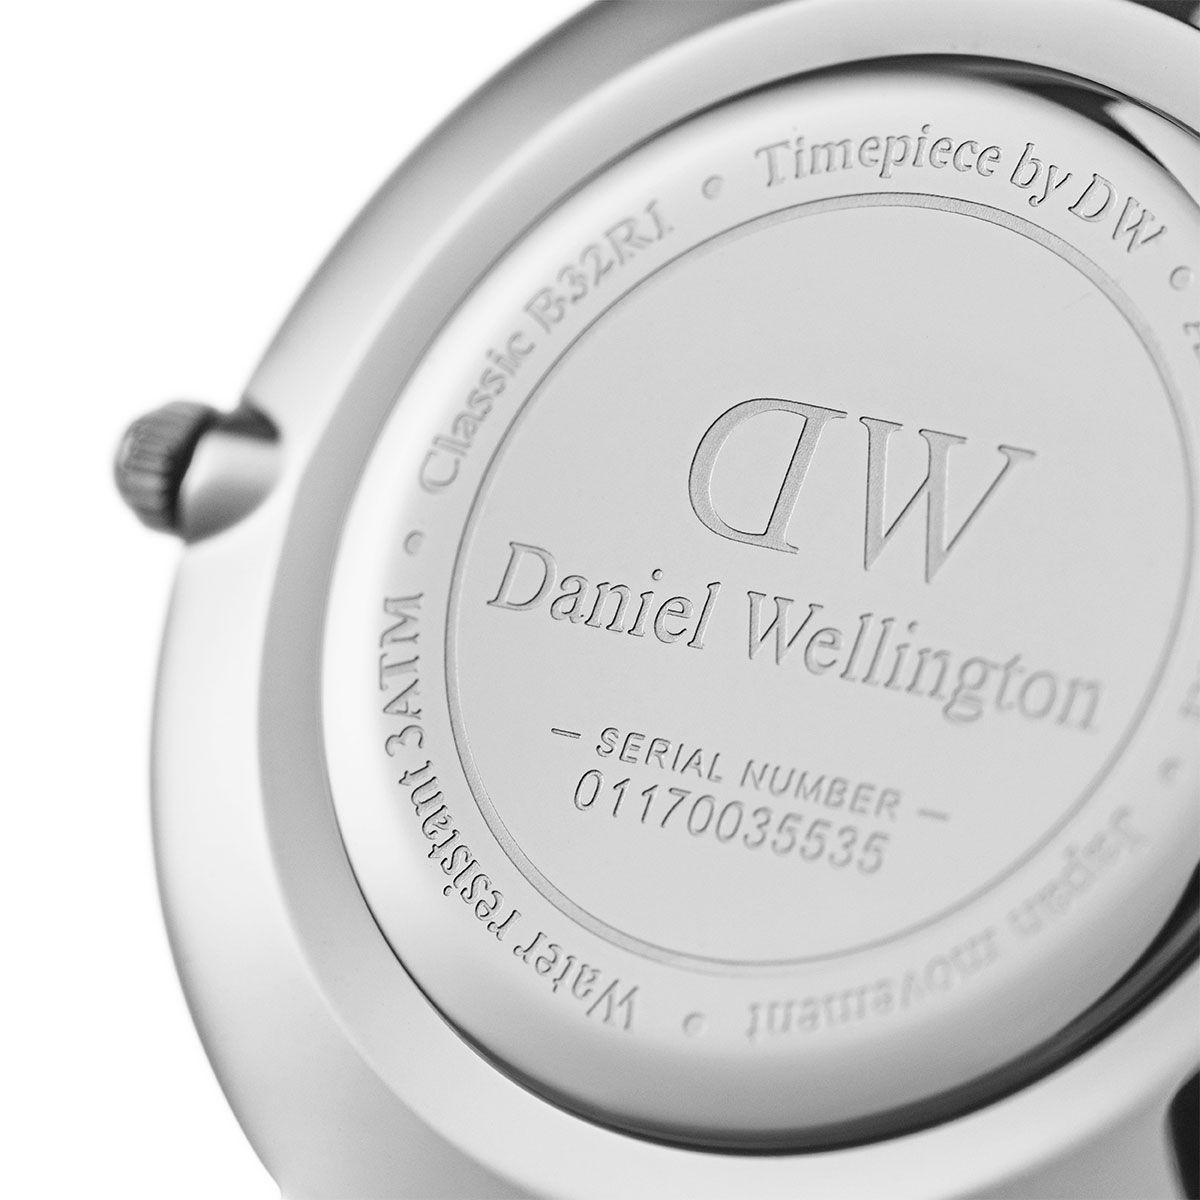 dw官网 dw手表官网 dw中国官网 dw官方旗舰店 DW DW官网  Bundle W+W Petite Sterling Silver 36mm+Petite Sterling Silver 28mm